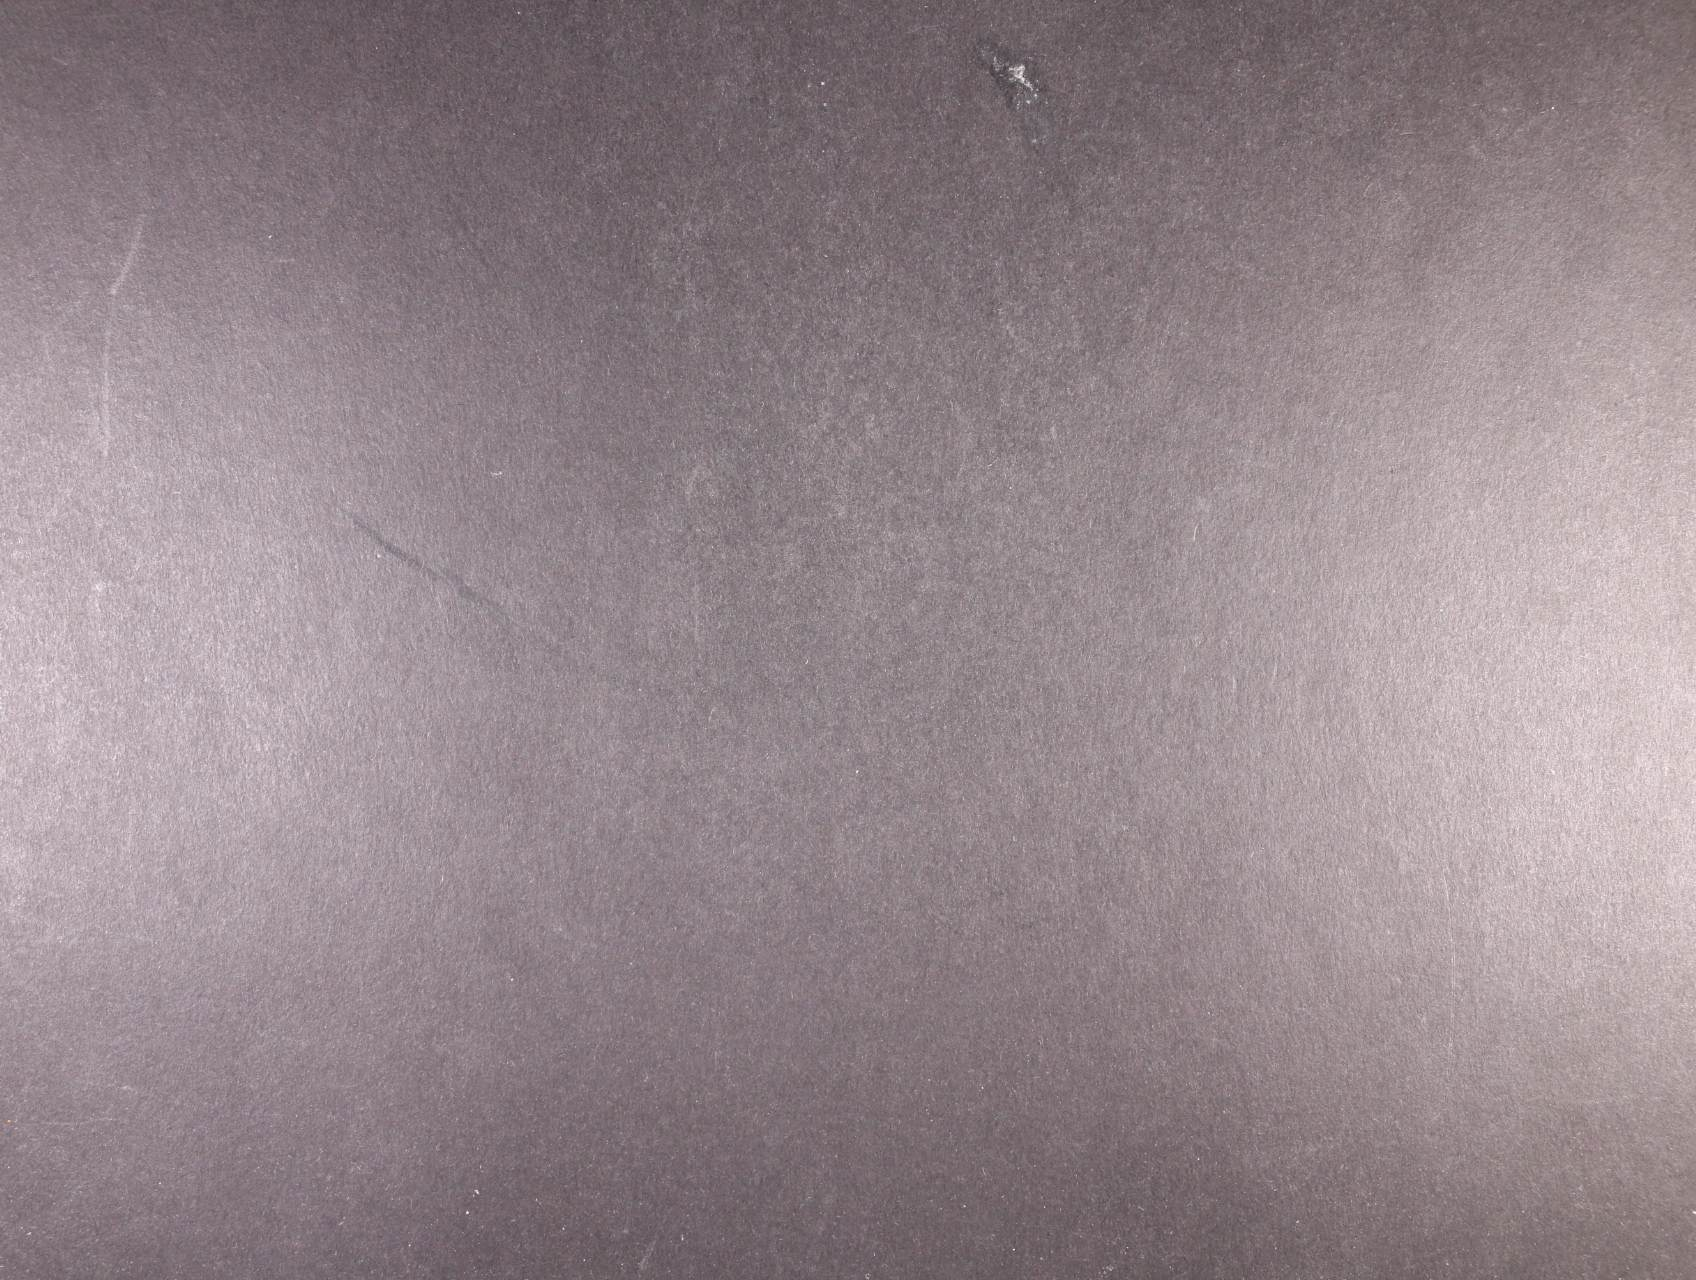 ČSR II - nekompl. sbírka zn. z let 1945 - 92, obsahuje aršíky, PL, typy, kupony, čtyřbloky s okraji a přítiskem TUS, kat. cena 25550 Kč, uloženo ve dvou zásobnících A4 a dvou výmětových listech